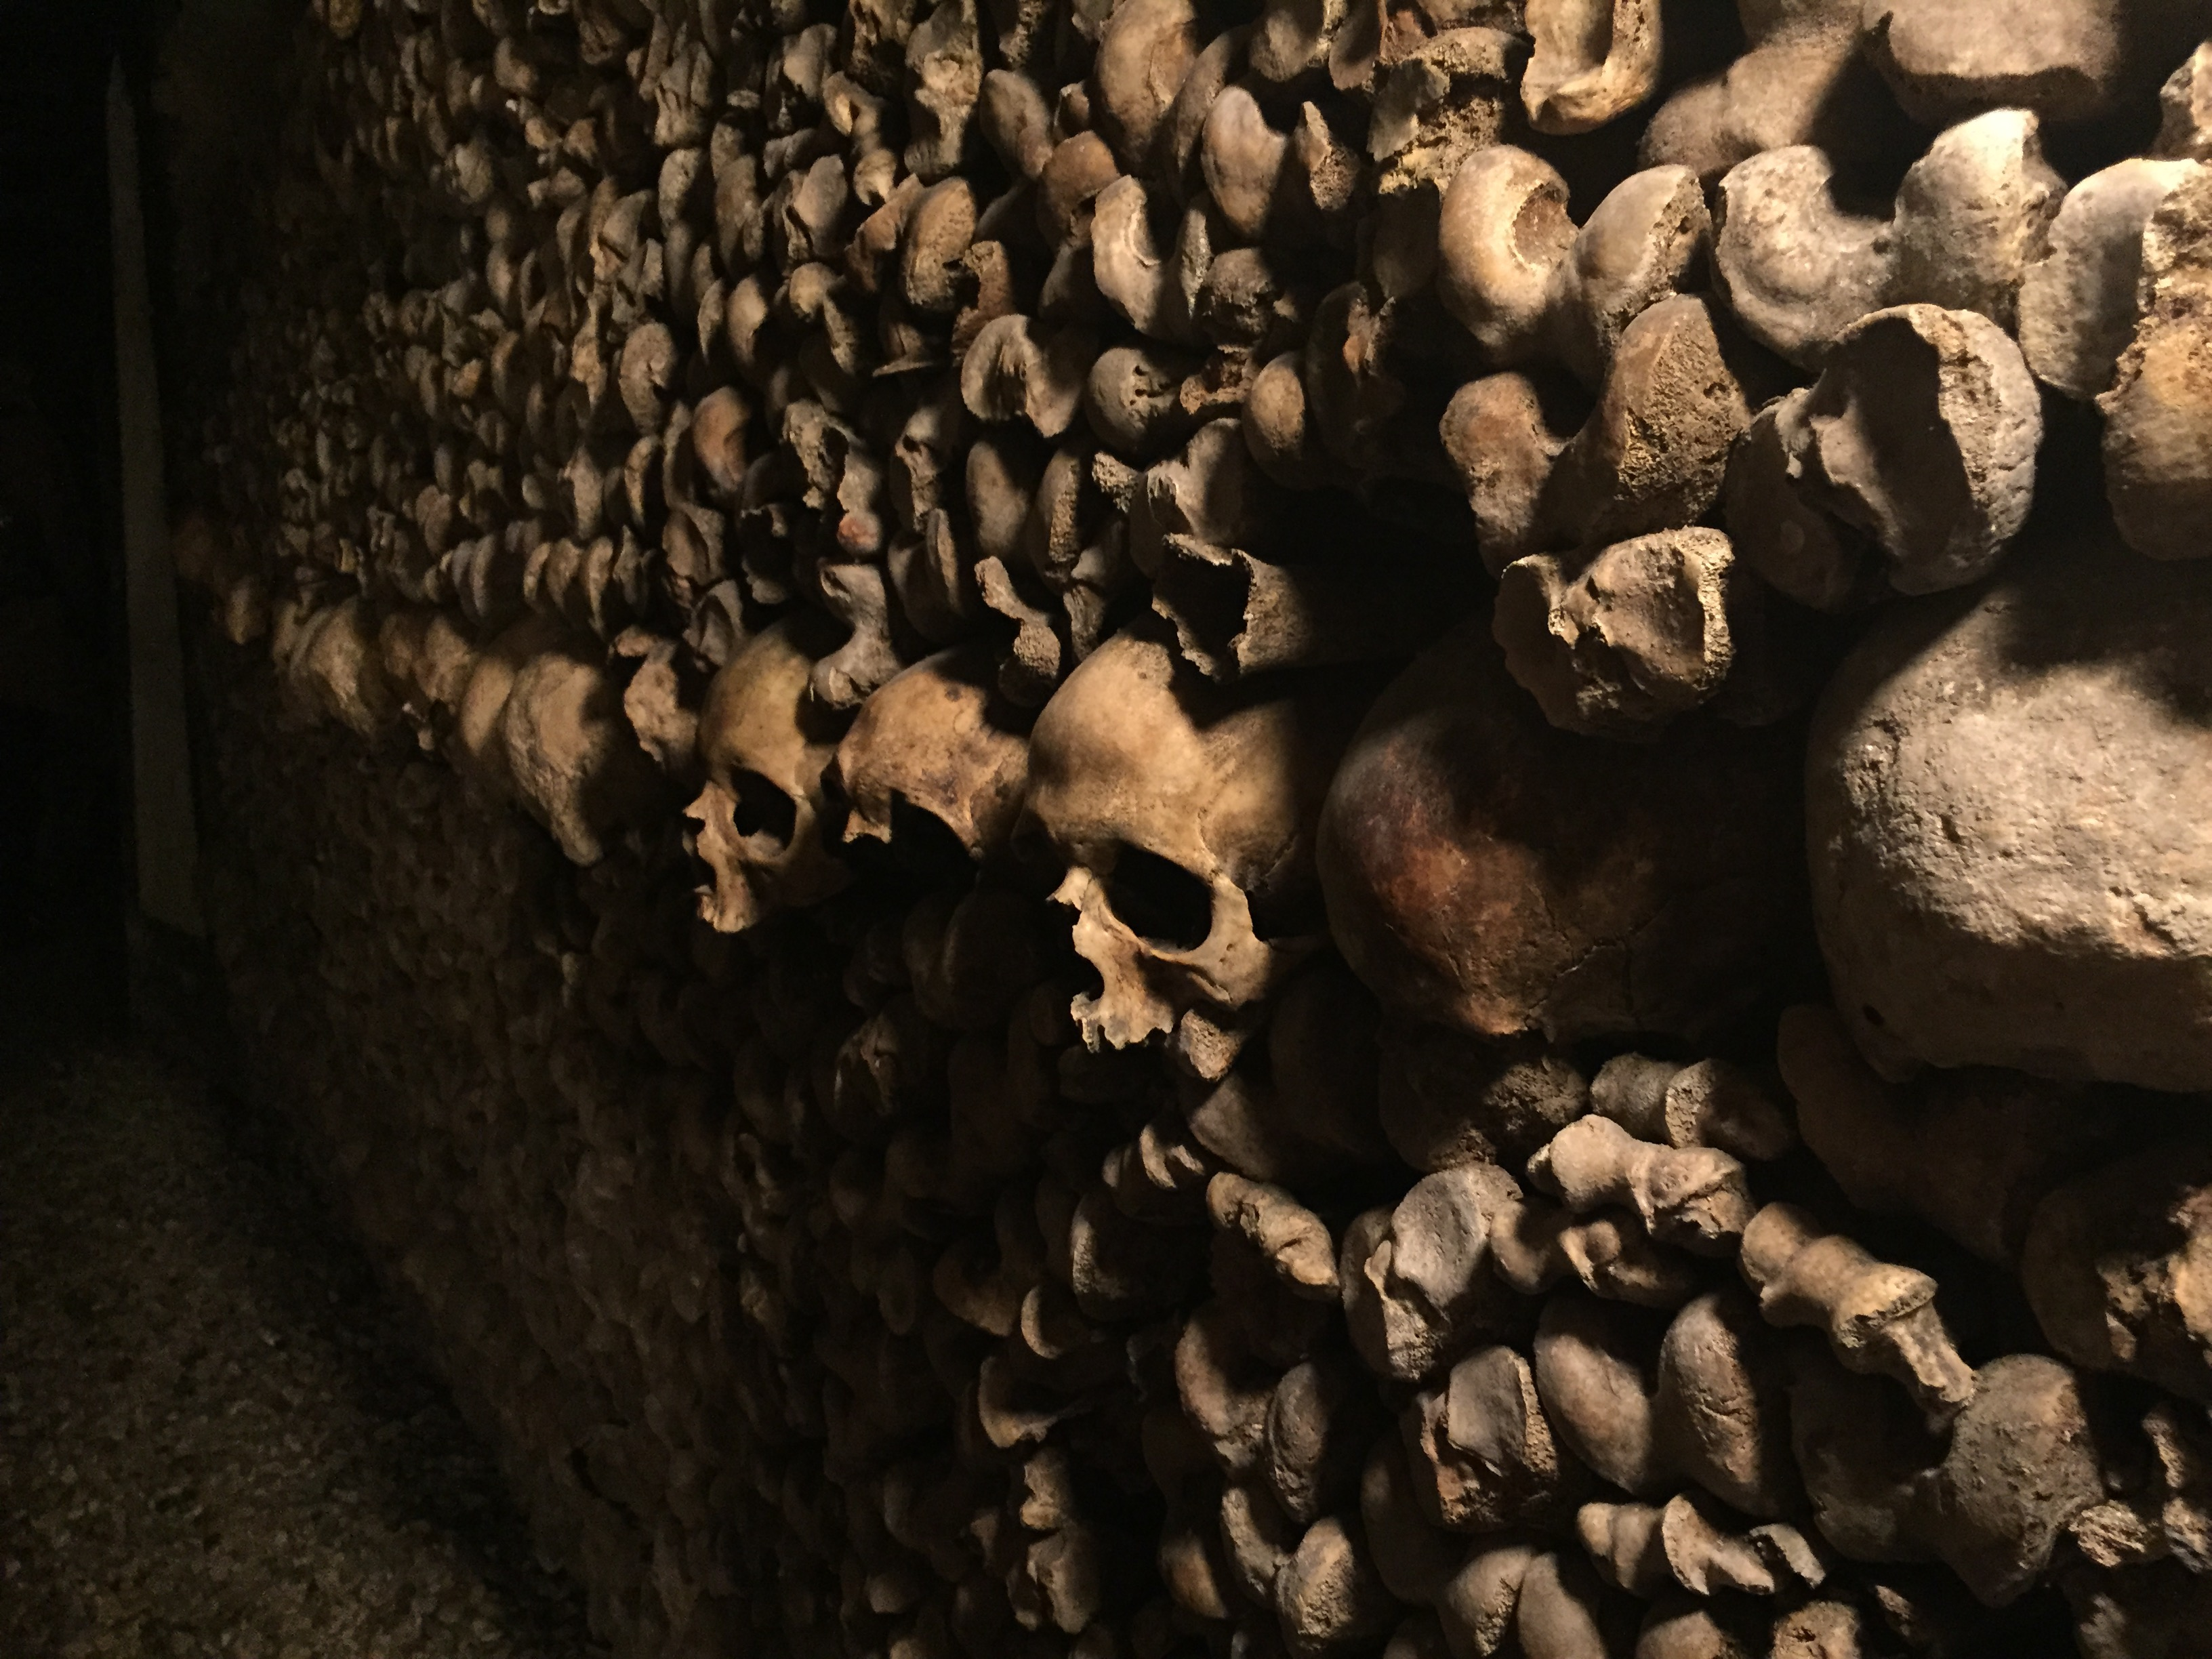 Die fein säuberlich gestapelten Skelette stammen von geschlossenen und aufgelösten Friedhöfen.